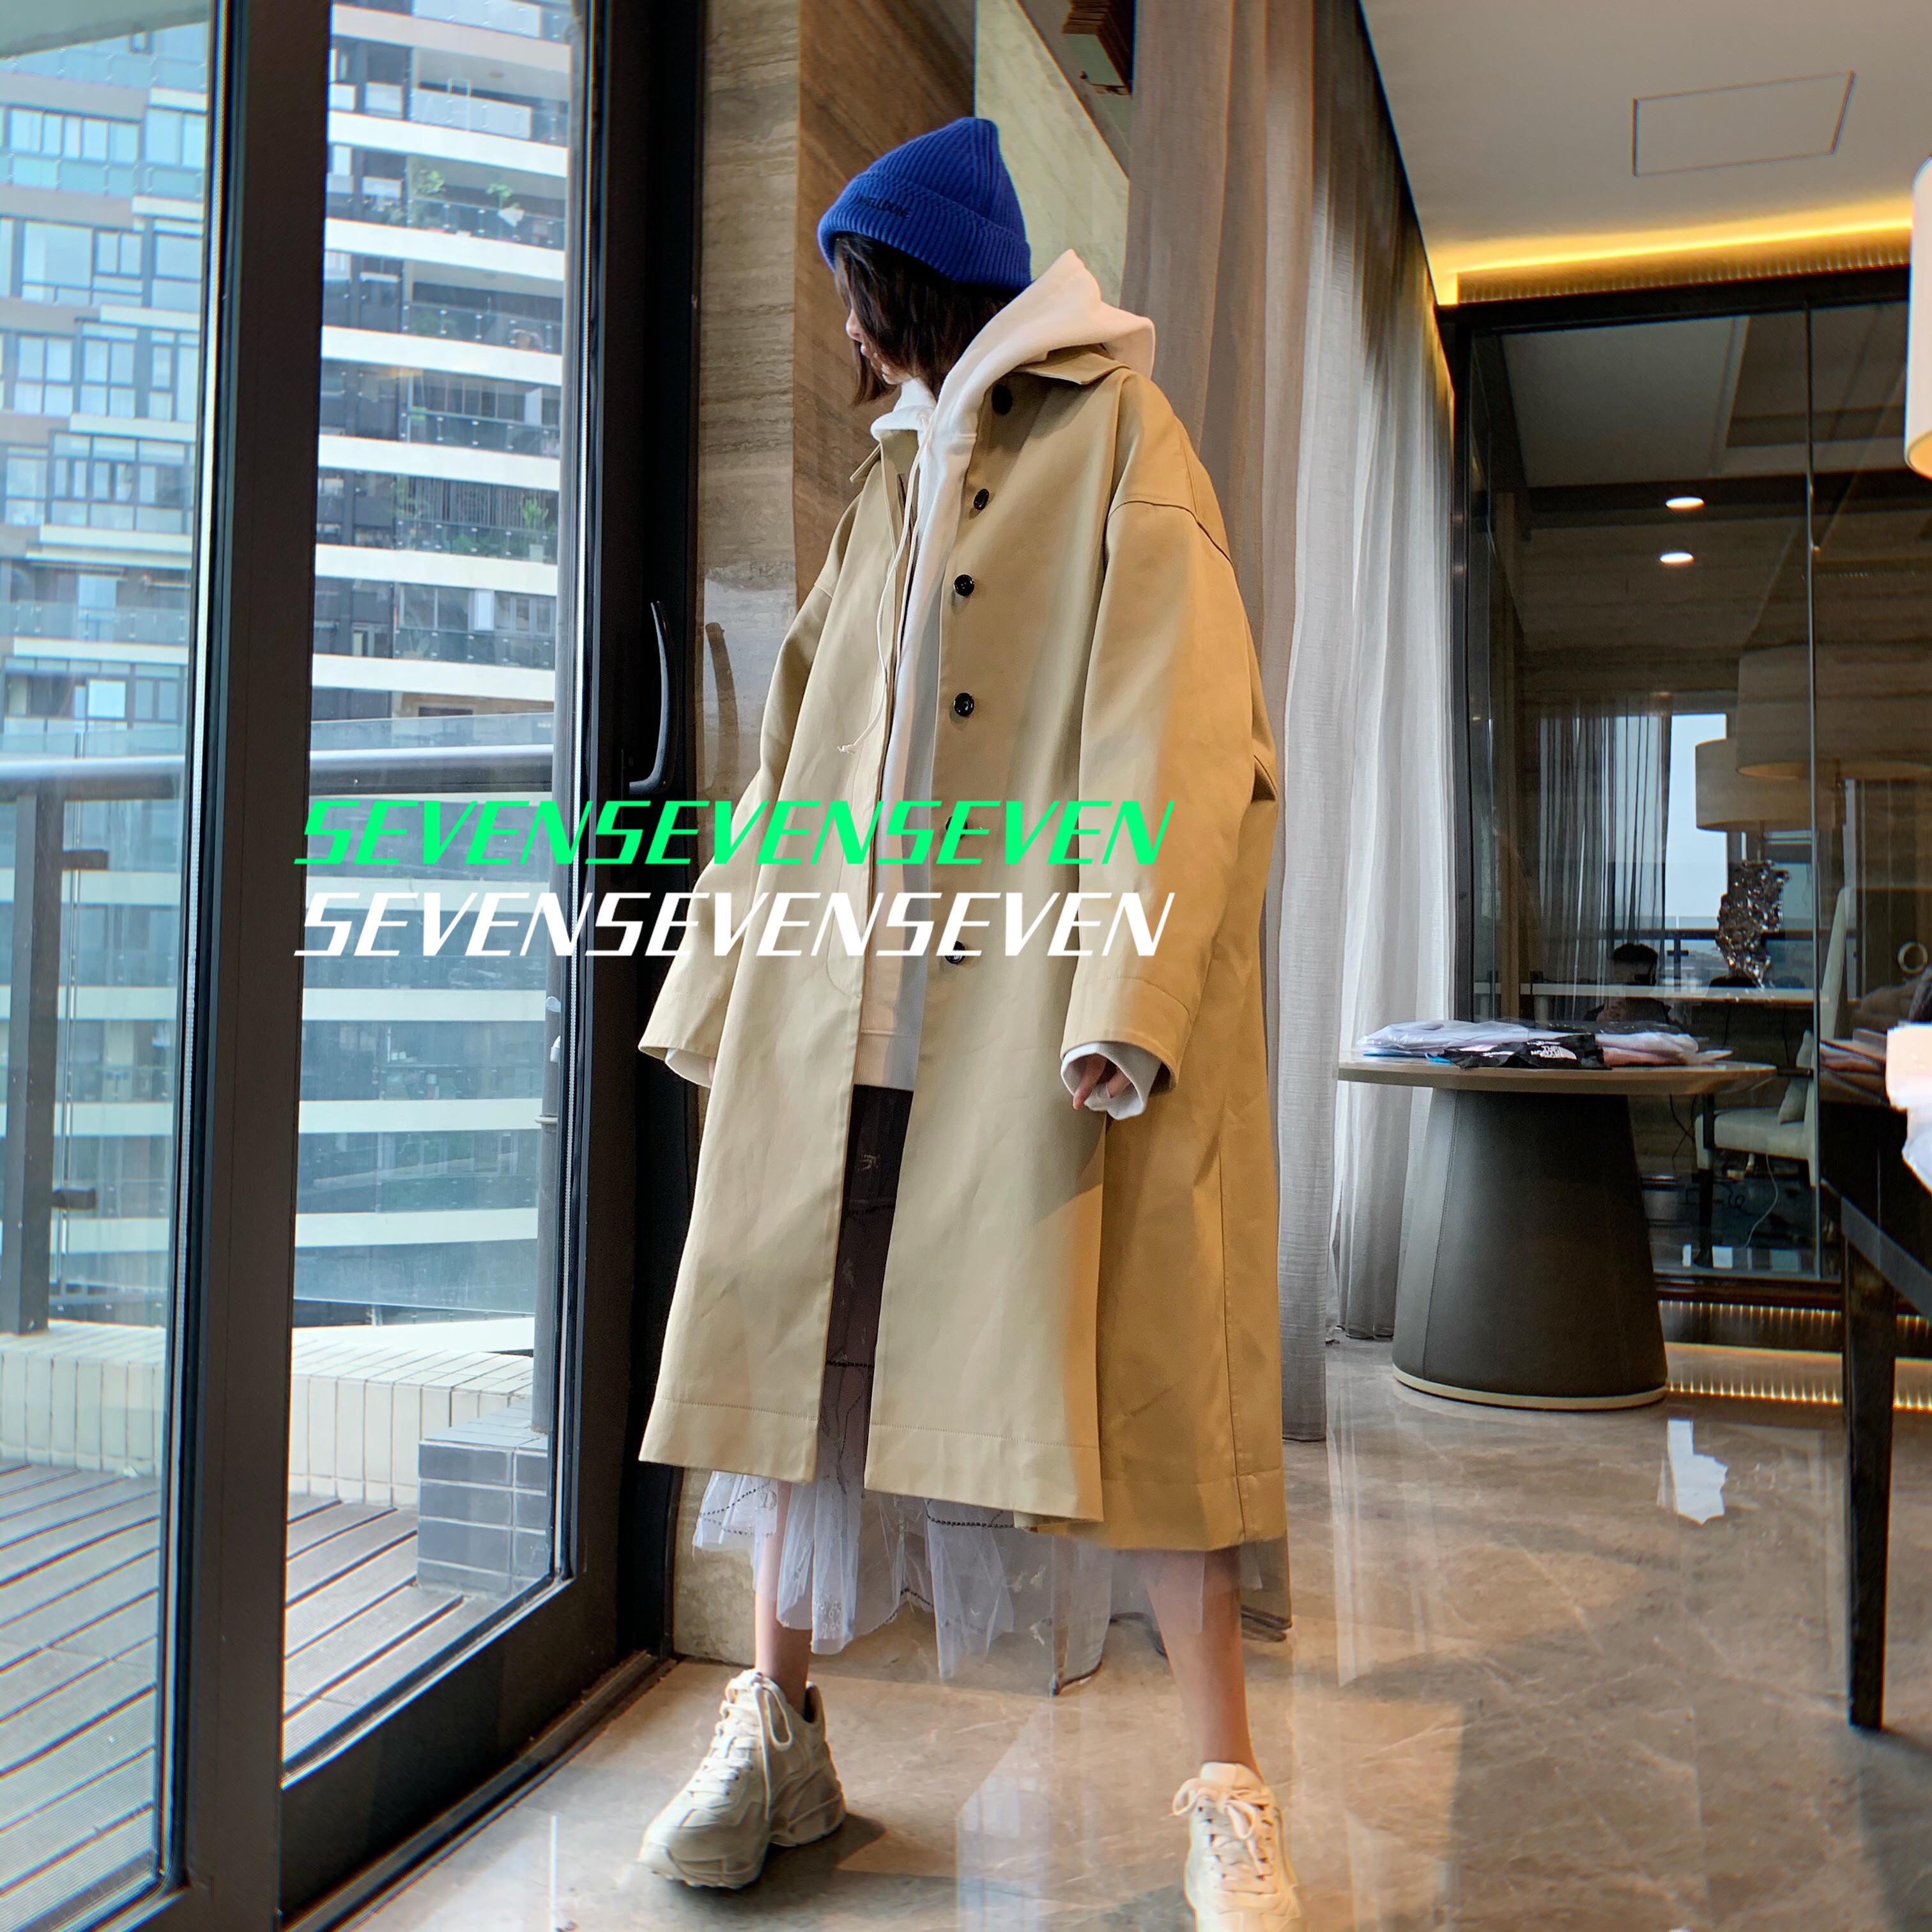 【独家限定】GD同款权志龙WELLDONE19FW高级质感卡其色风衣外套图片